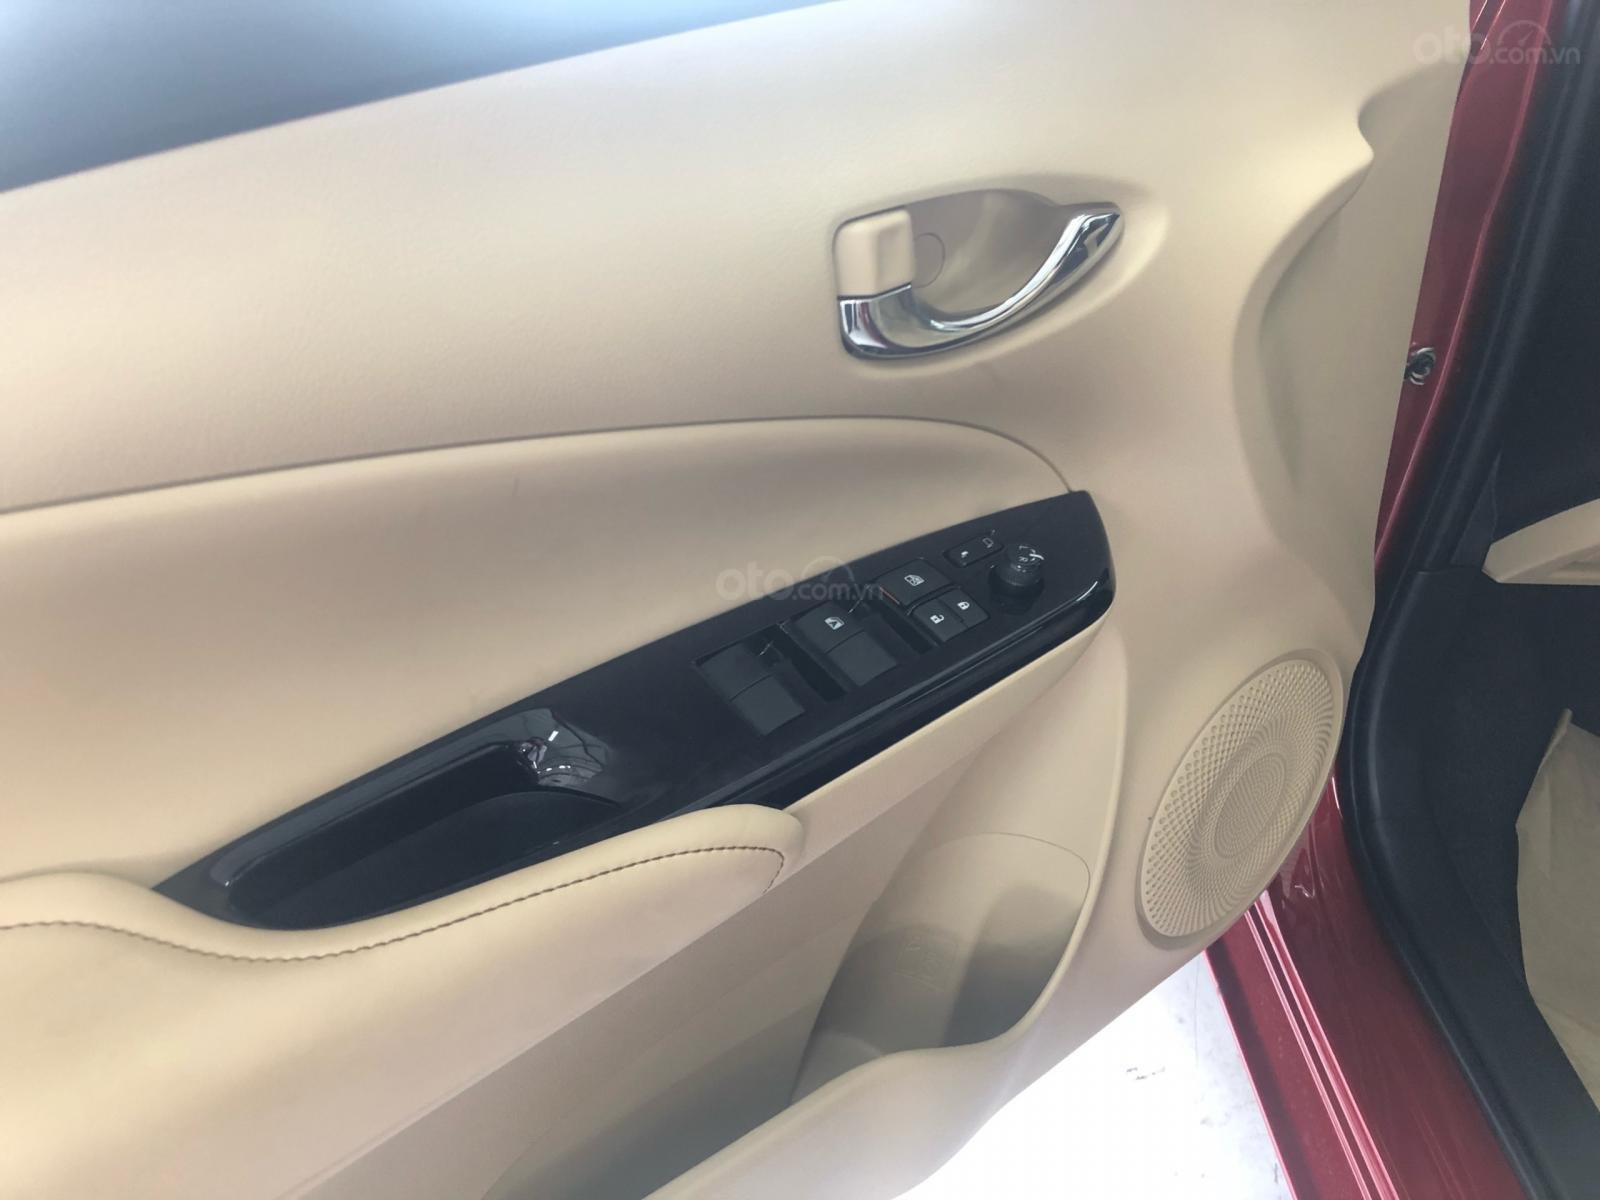 Toyota Hùng Vương Toyota Vios G, giá chỉ 520 triệu, giao ngay, đủ màu (6)